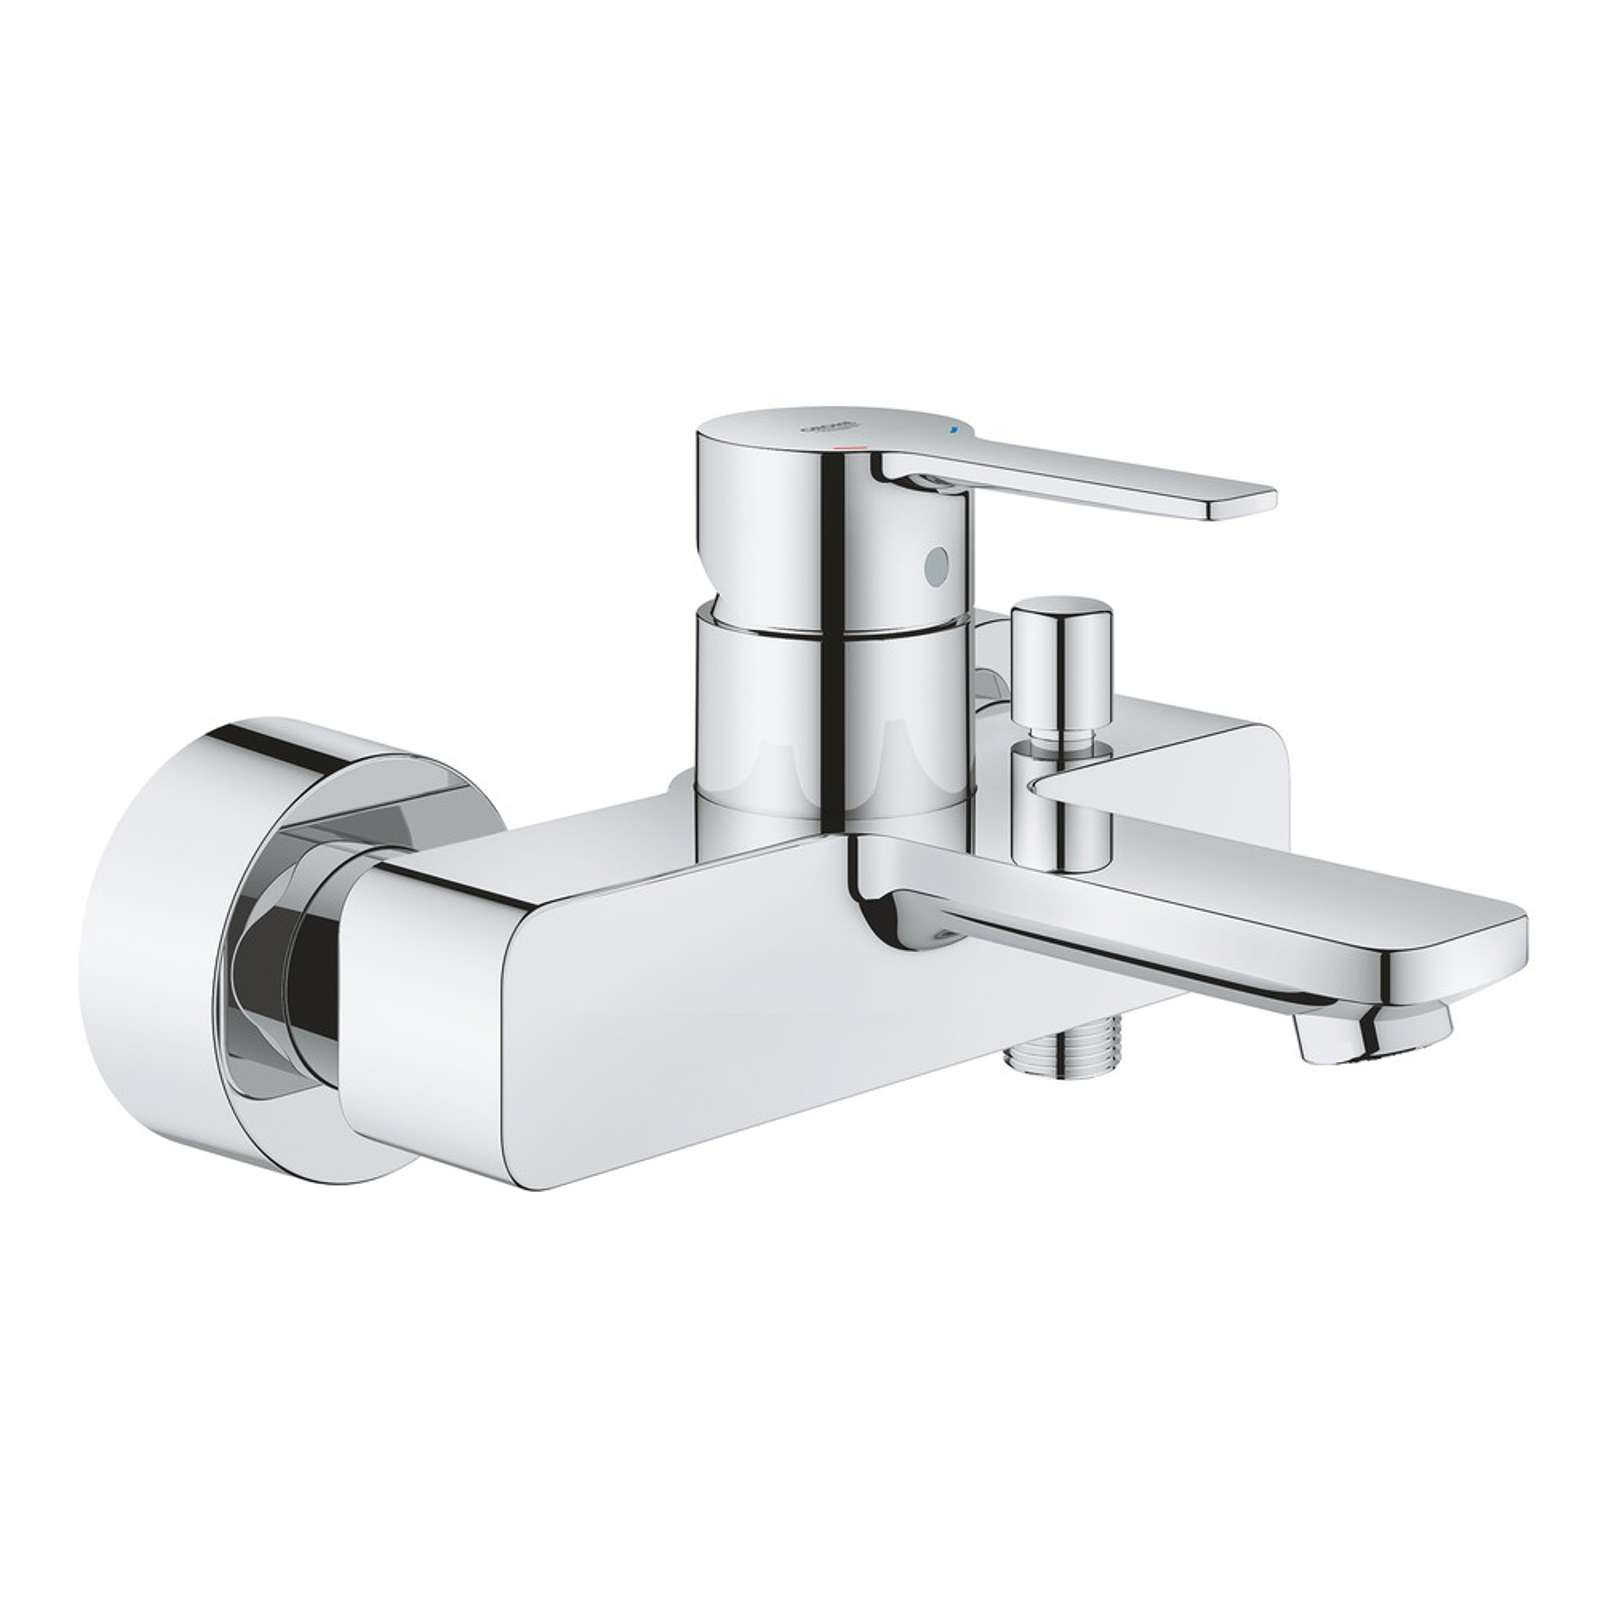 Смеситель для ванны Grohe Lineare New 33849001